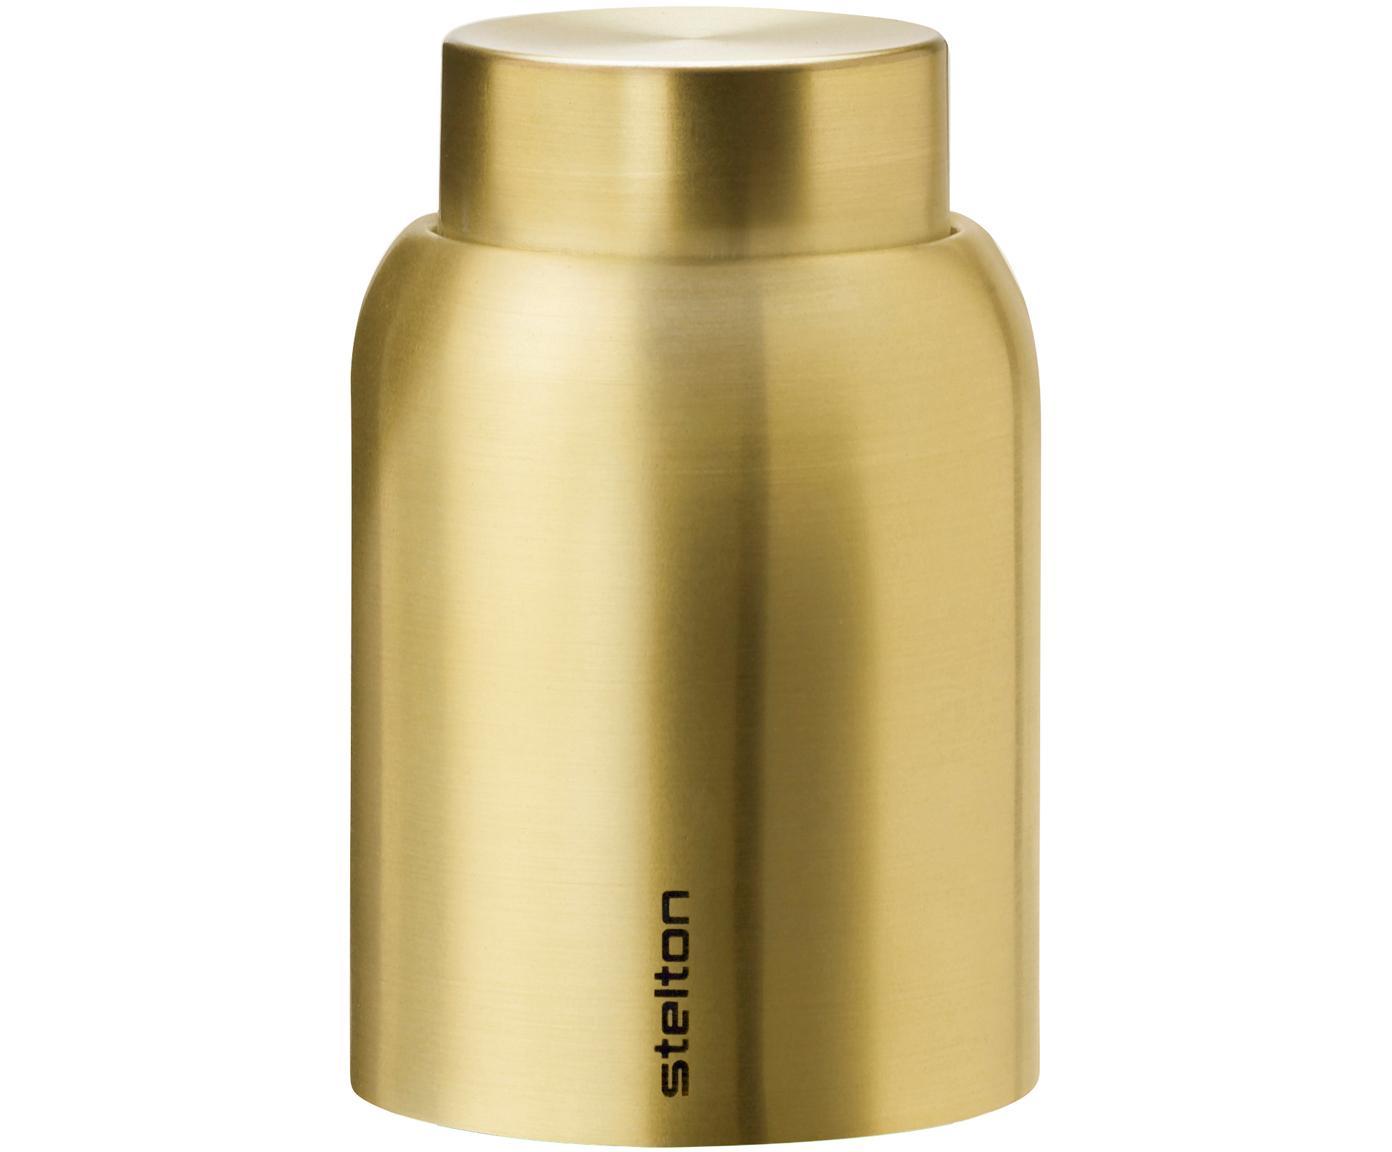 Tappo per bottiglia in oro Collar, Acciaio inossidabile, ottonato, Ottonato, Ø 4 x Alt. 6 cm